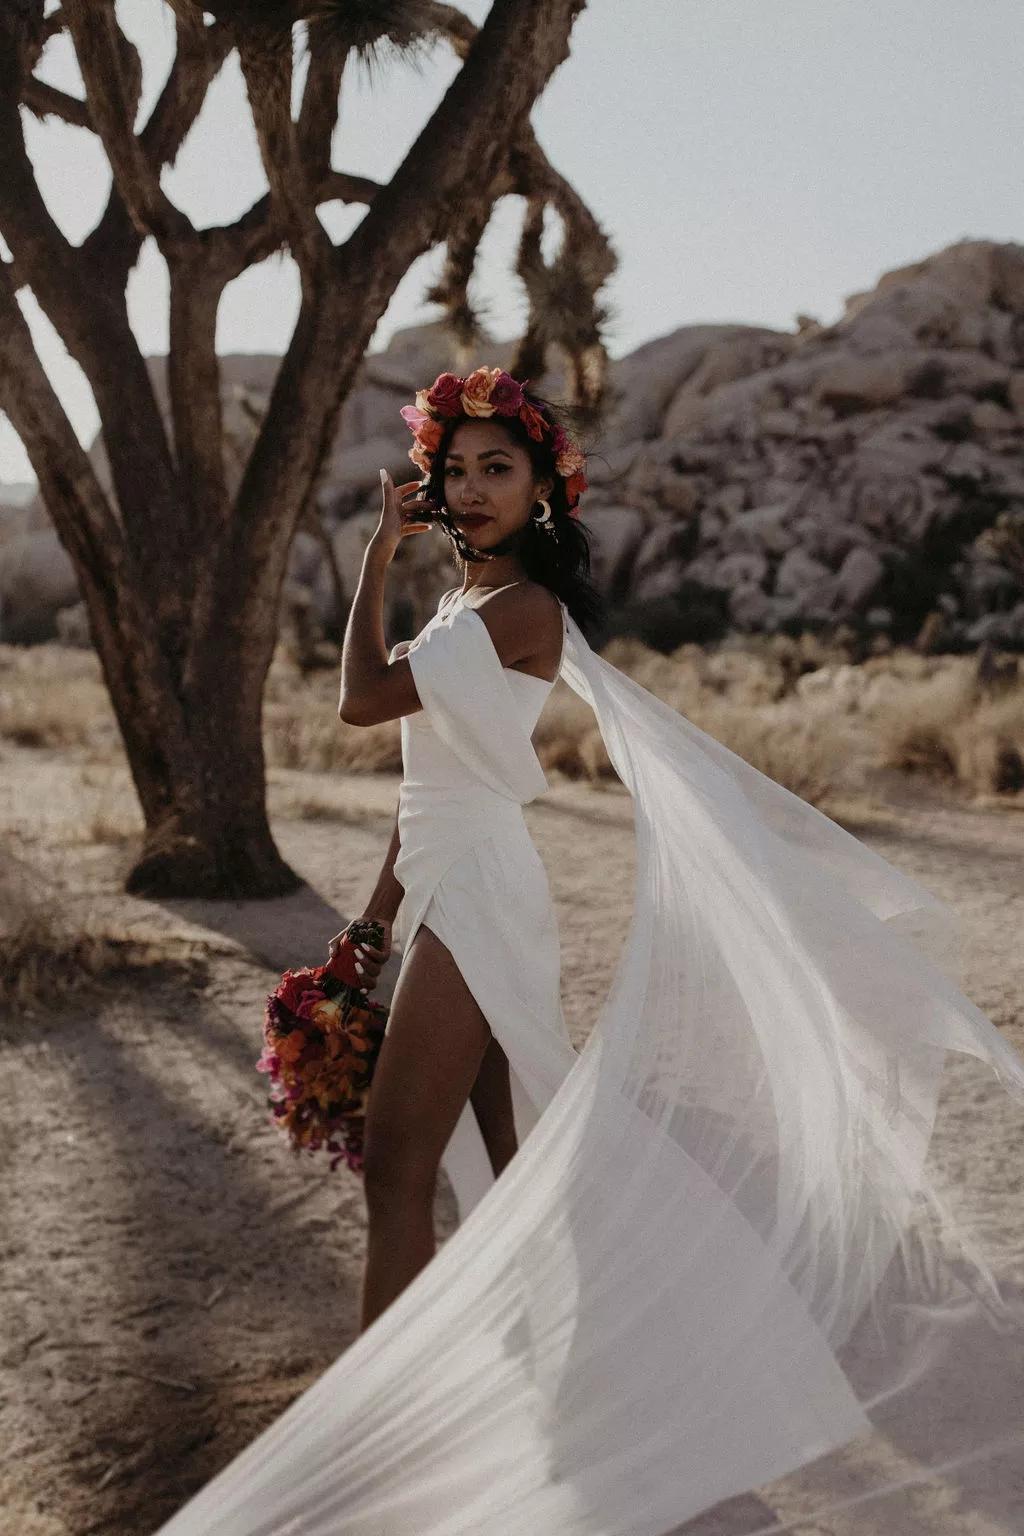 20mnL2 pmak - Найти свадебного ведущего оказалось проще простого